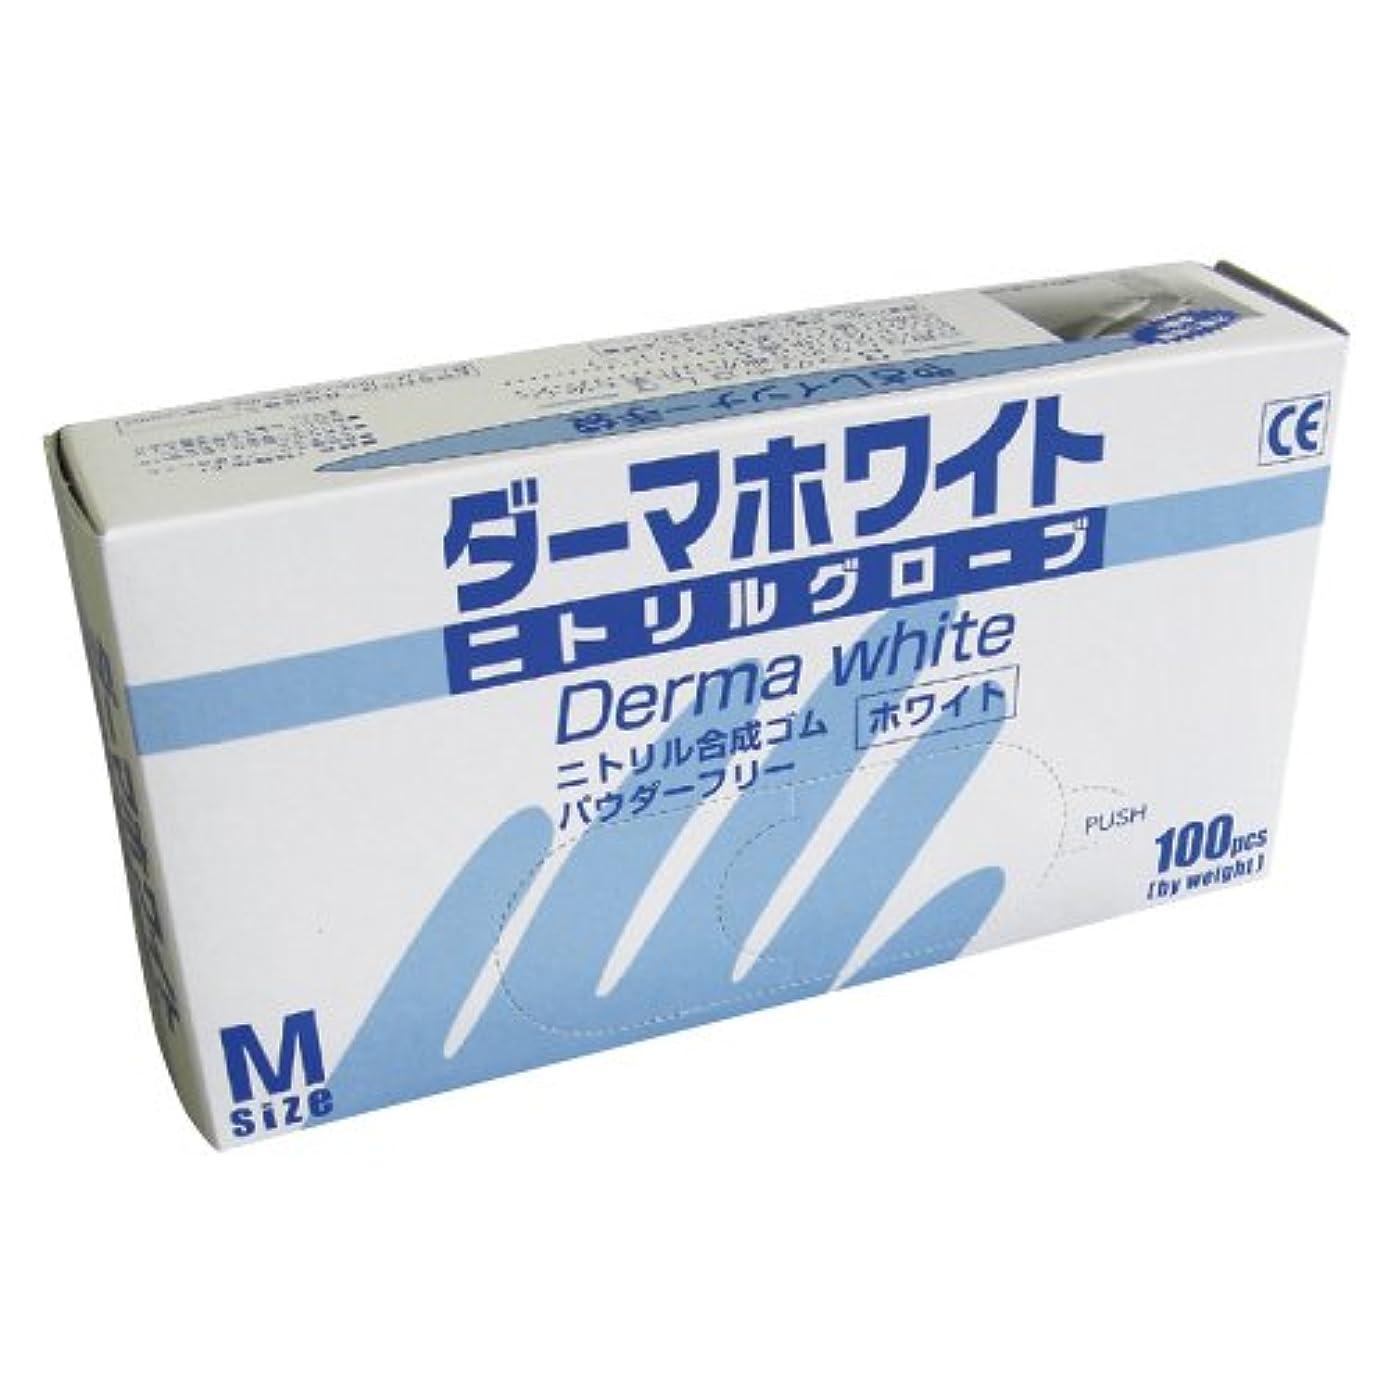 画家同様のエージェントダーマホワイト ニトリル手袋PF GN01(M)100枚